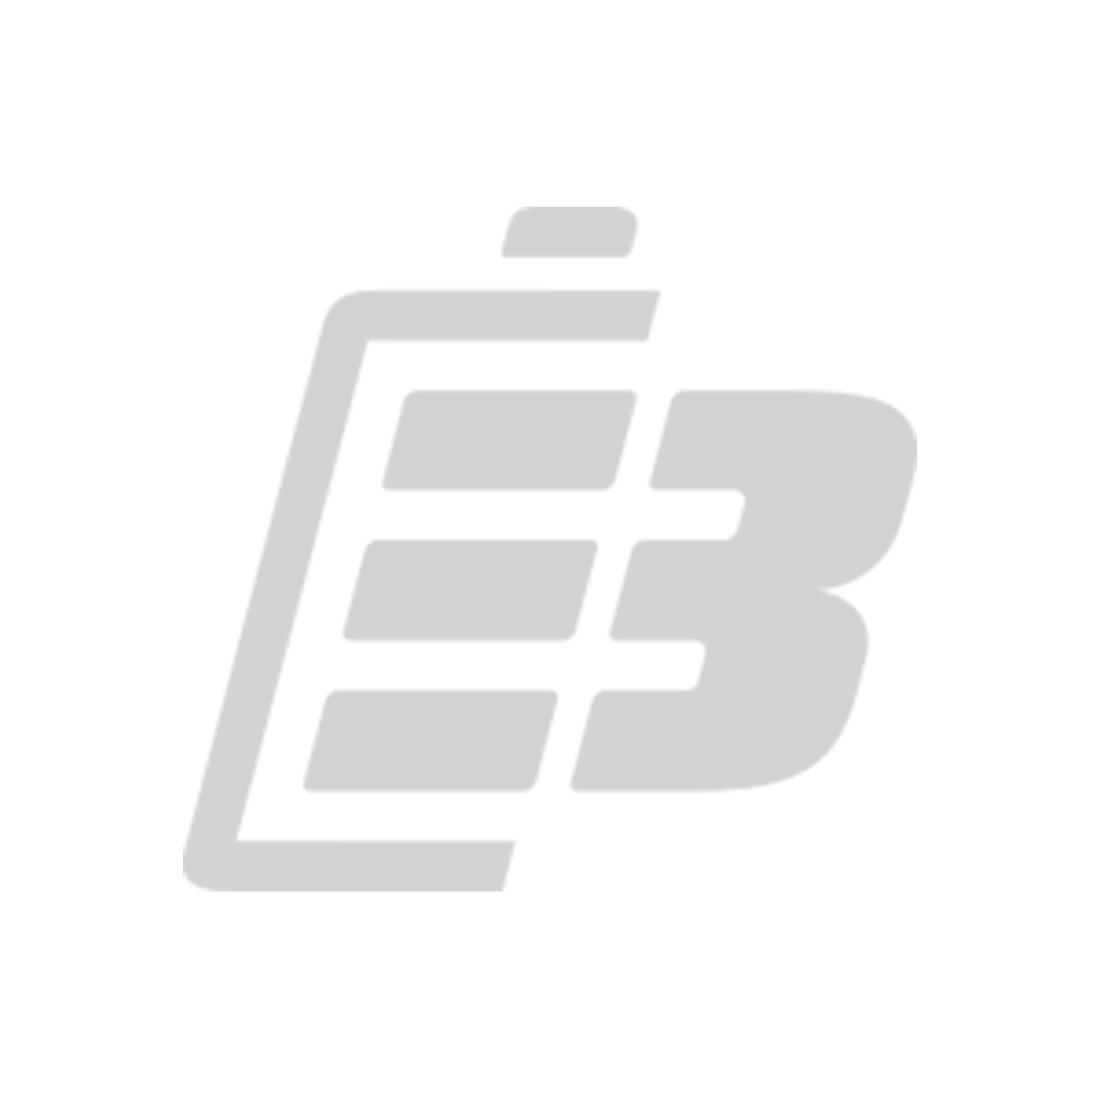 Fenix ARB-L21-5000 21700 Li-ion Battery 5000mah